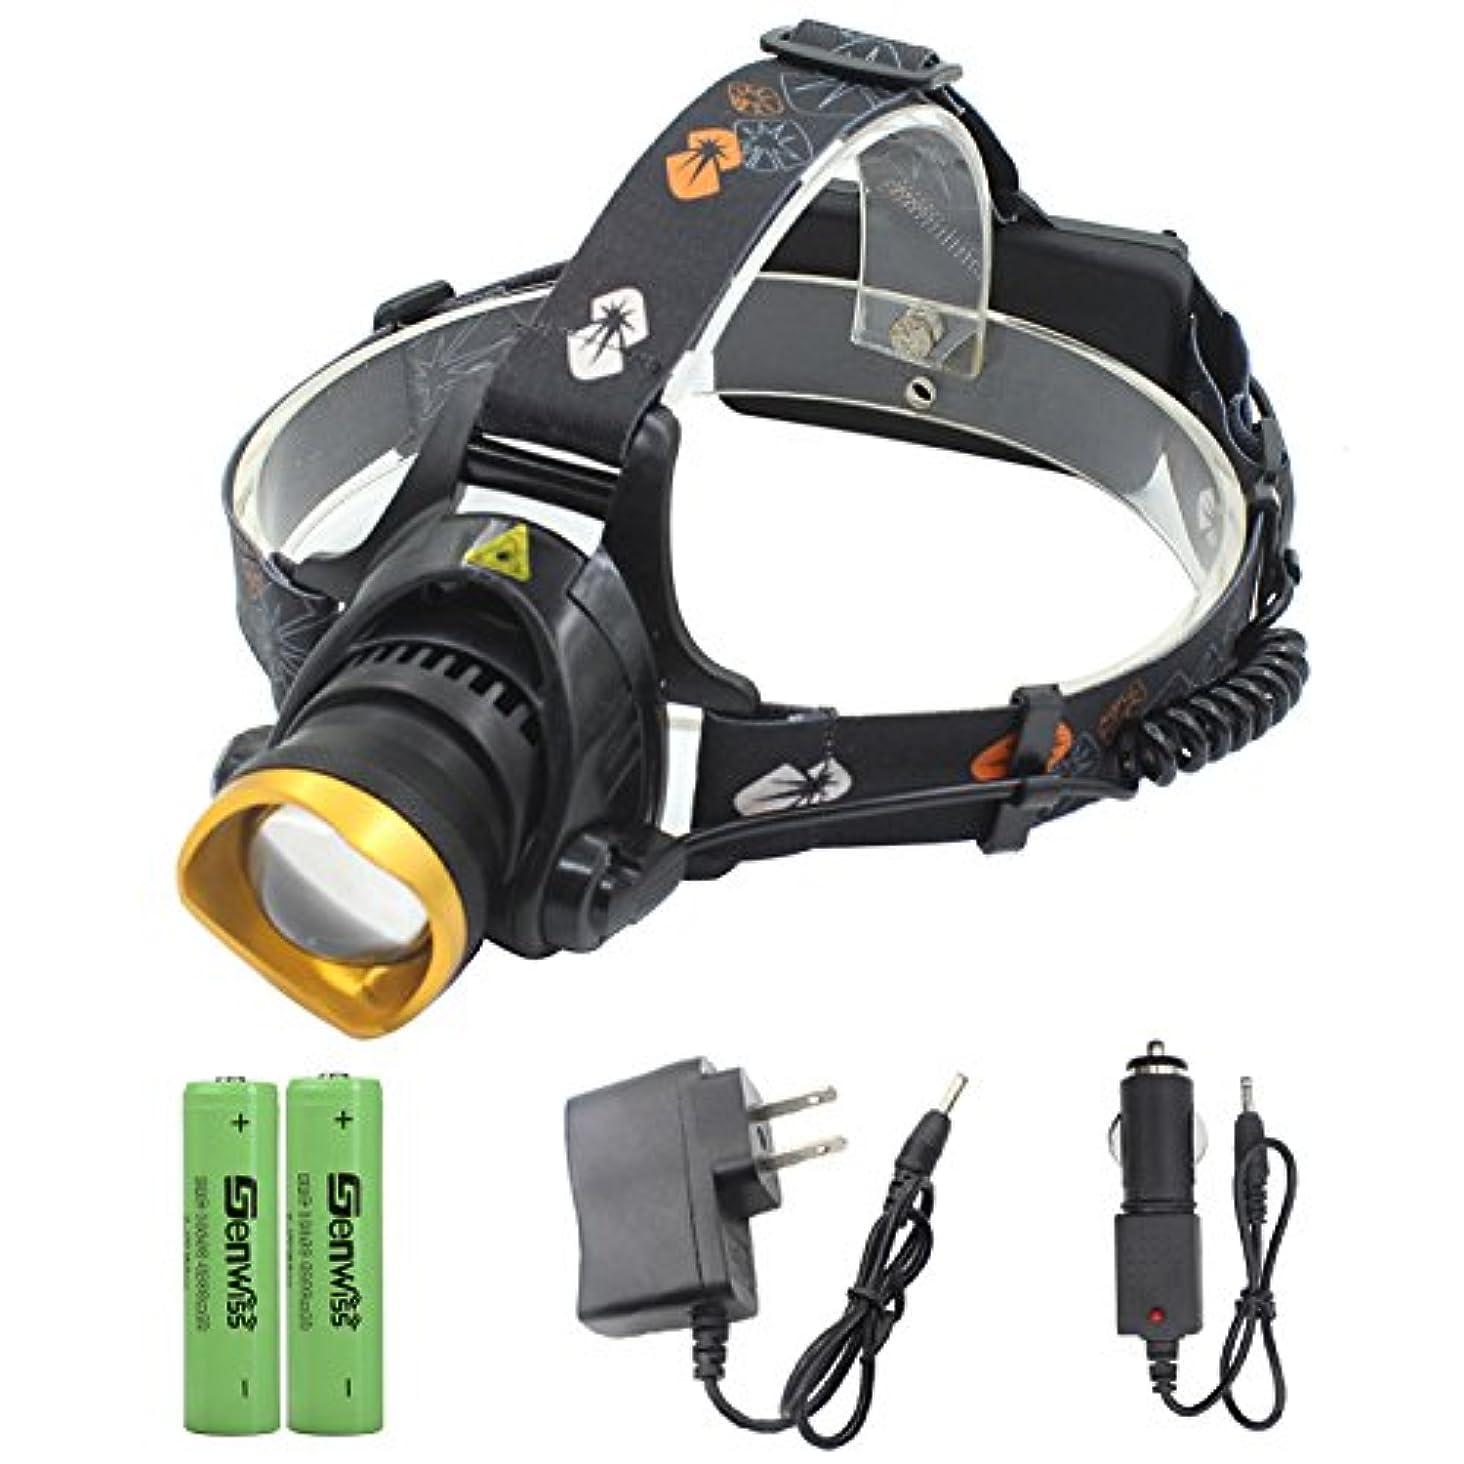 クローゼット手綱推測するGenwiss 屋外3000LM CREE T6は2 X18650または3のX AA電池で防水ヘッドランプをLEDとキャンプバイクワーキング狩猟釣り乗馬ウォーキングのための(ゴールド)